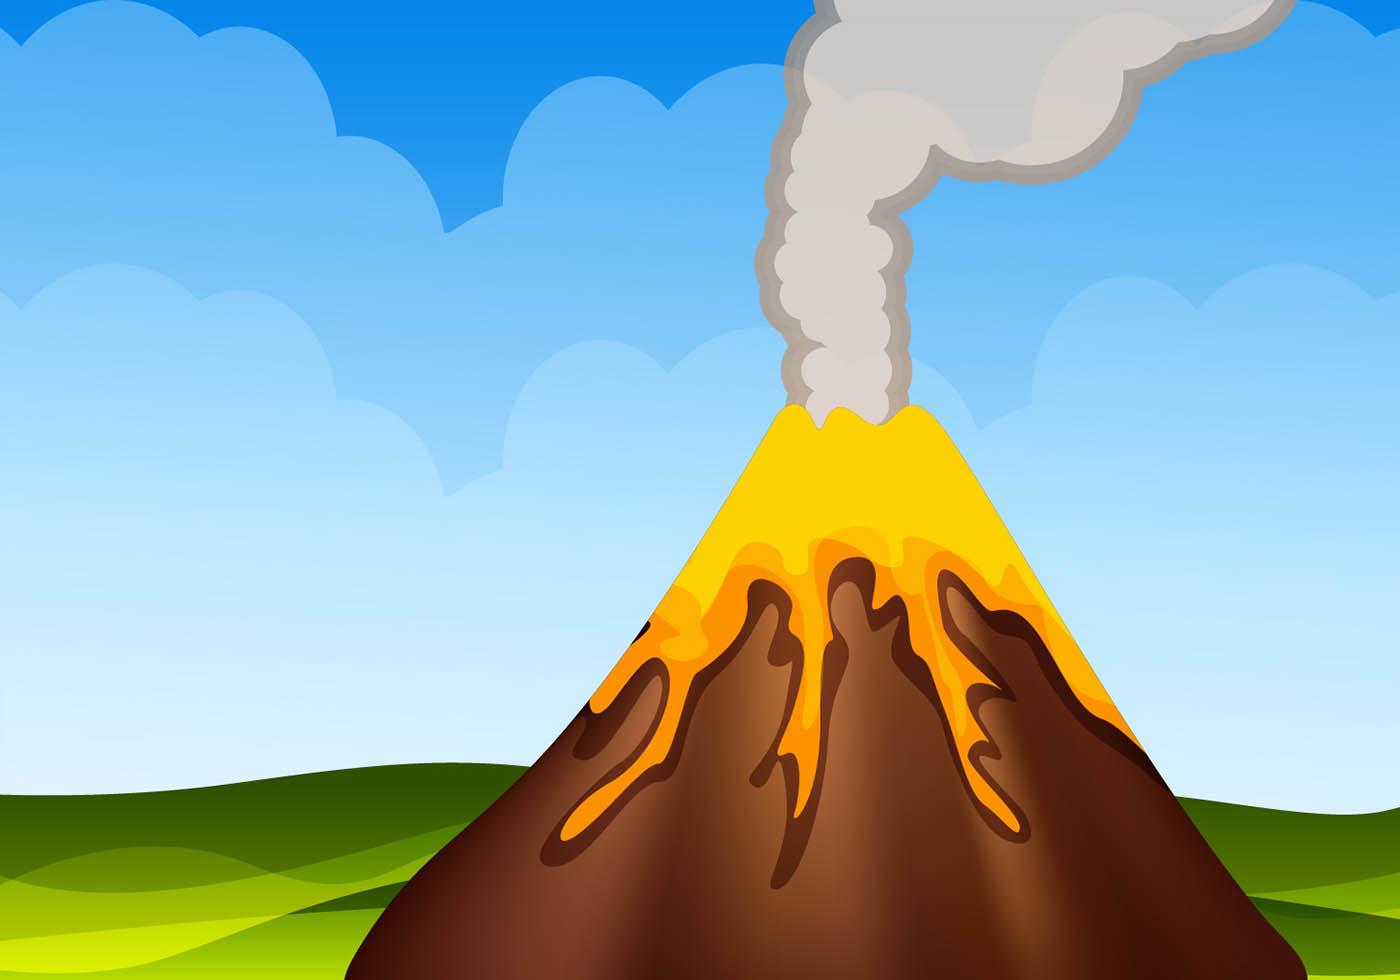 Erupting Volcano Mountain Vector - Download Free Vector Art, Stock ...